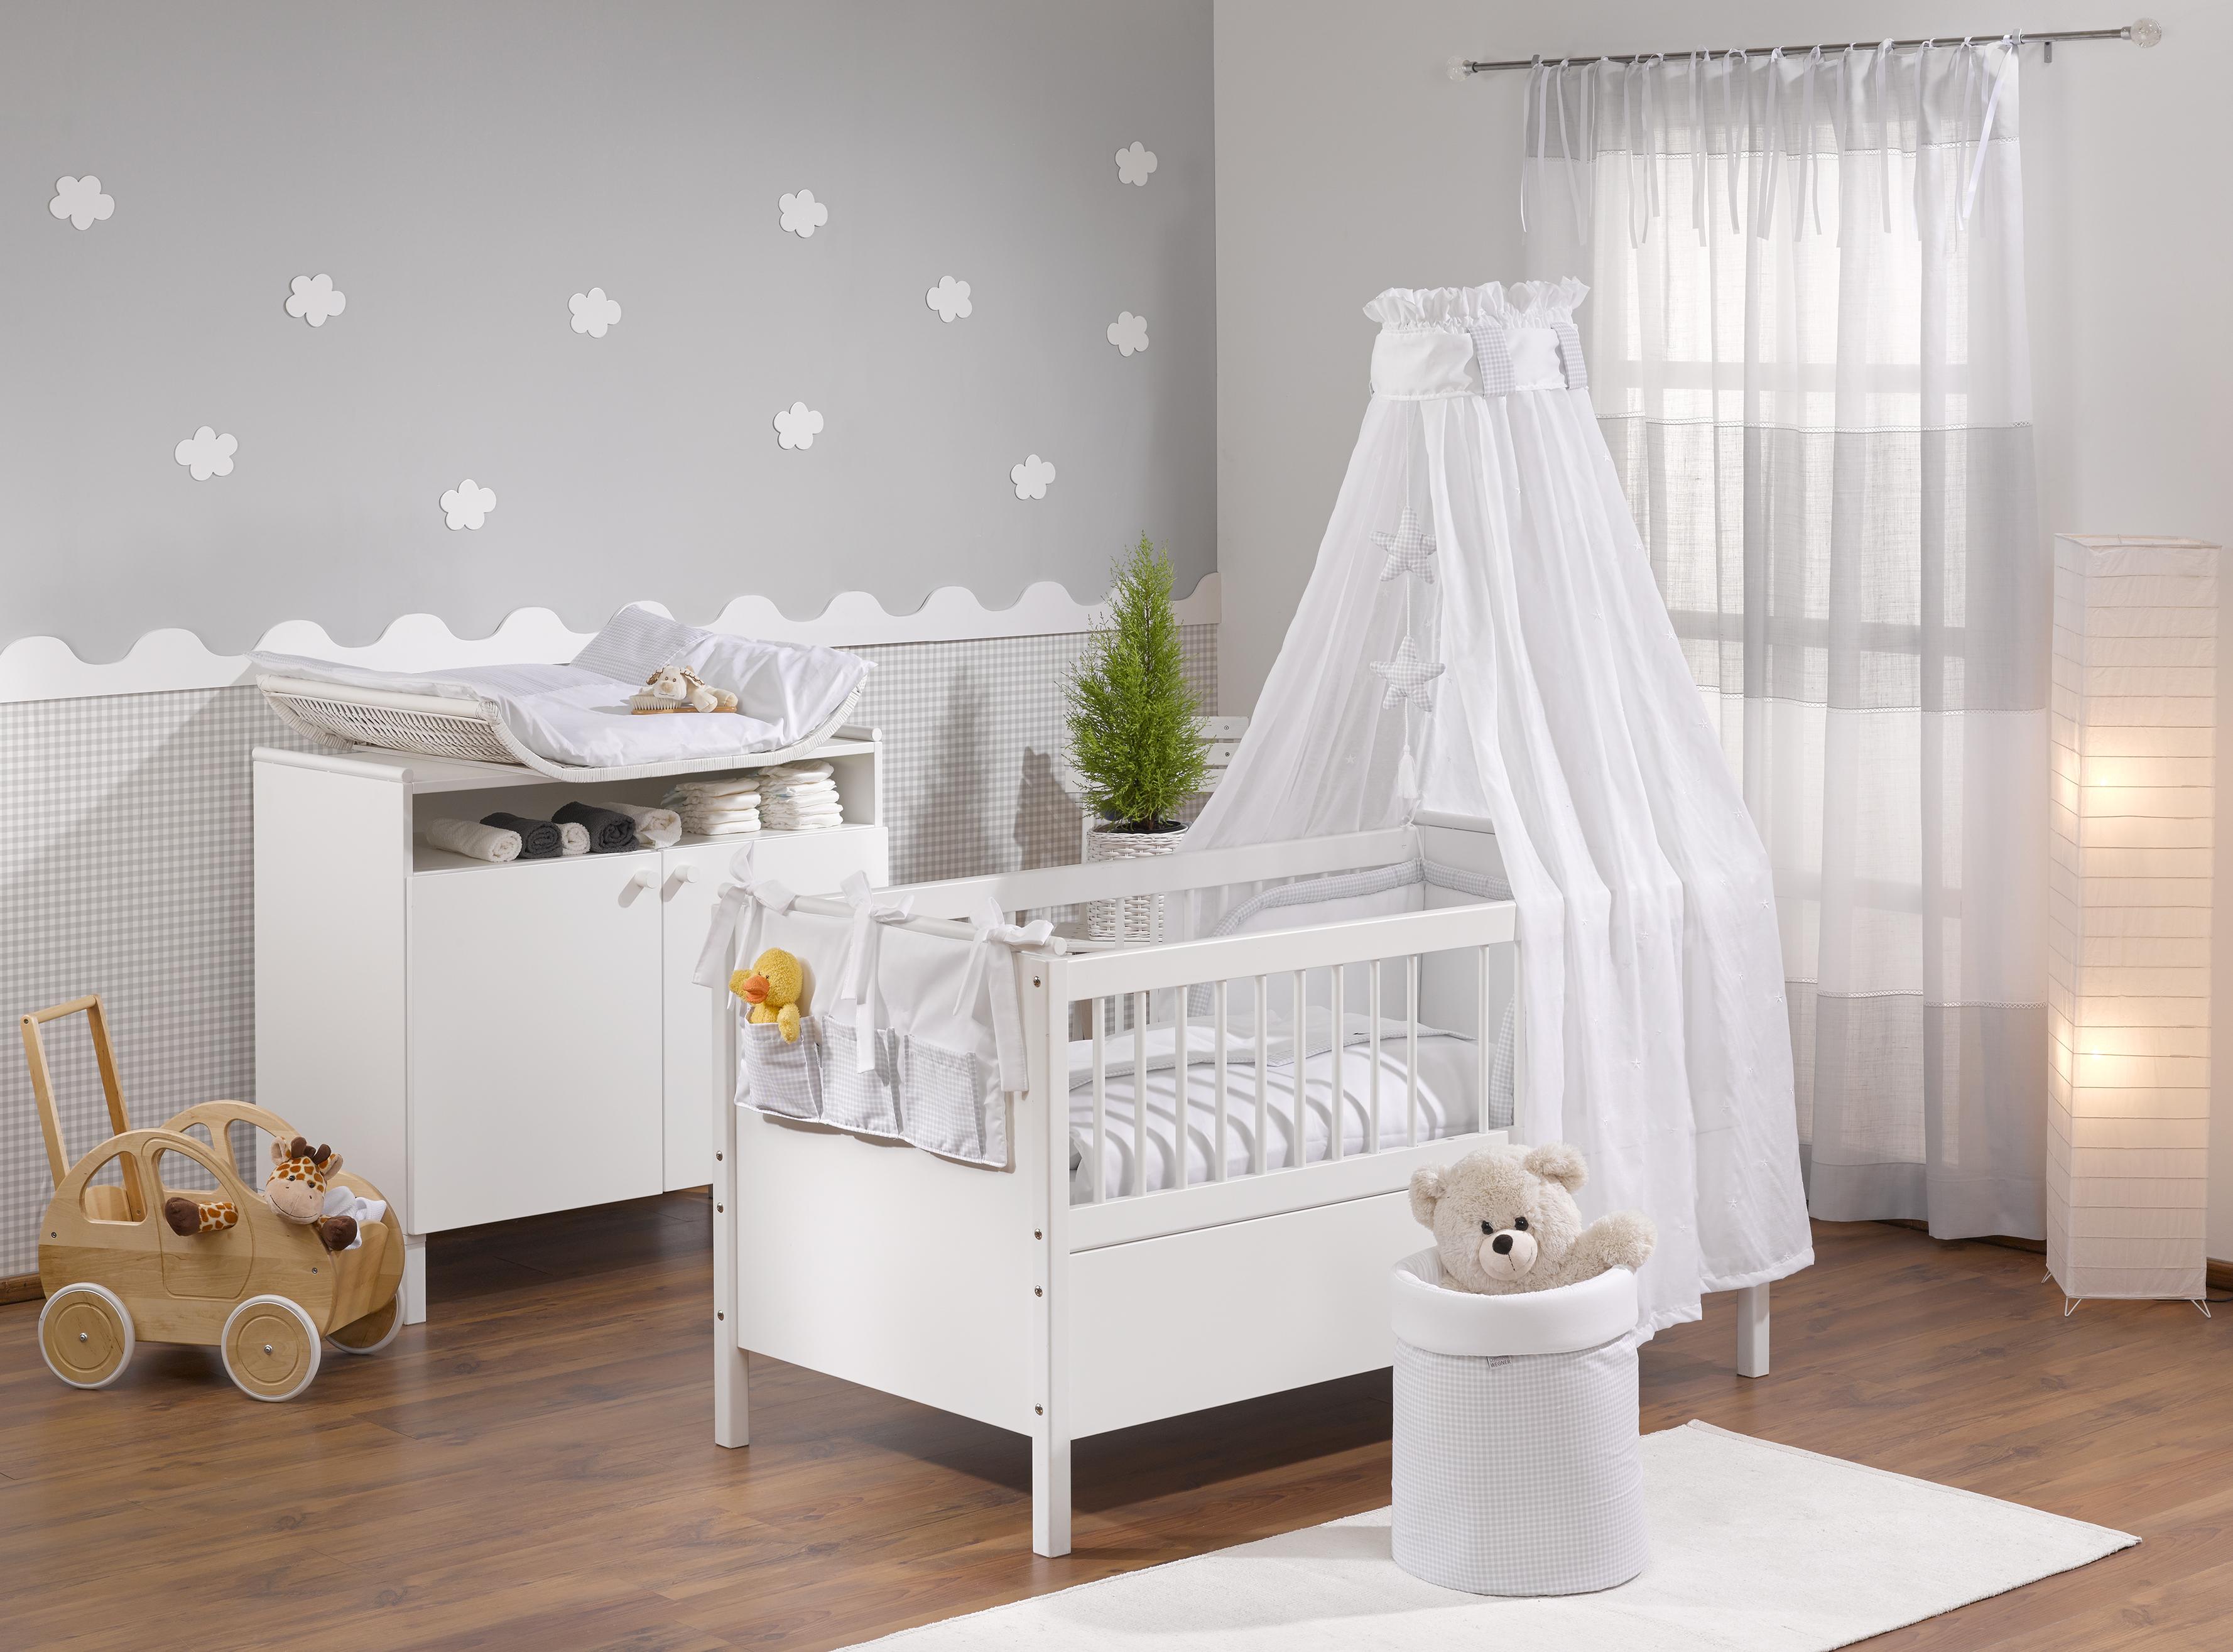 Kinderzimmer In Grau Exquisit On Andere Babyzimmer Google Suche Wände Pinterest 1